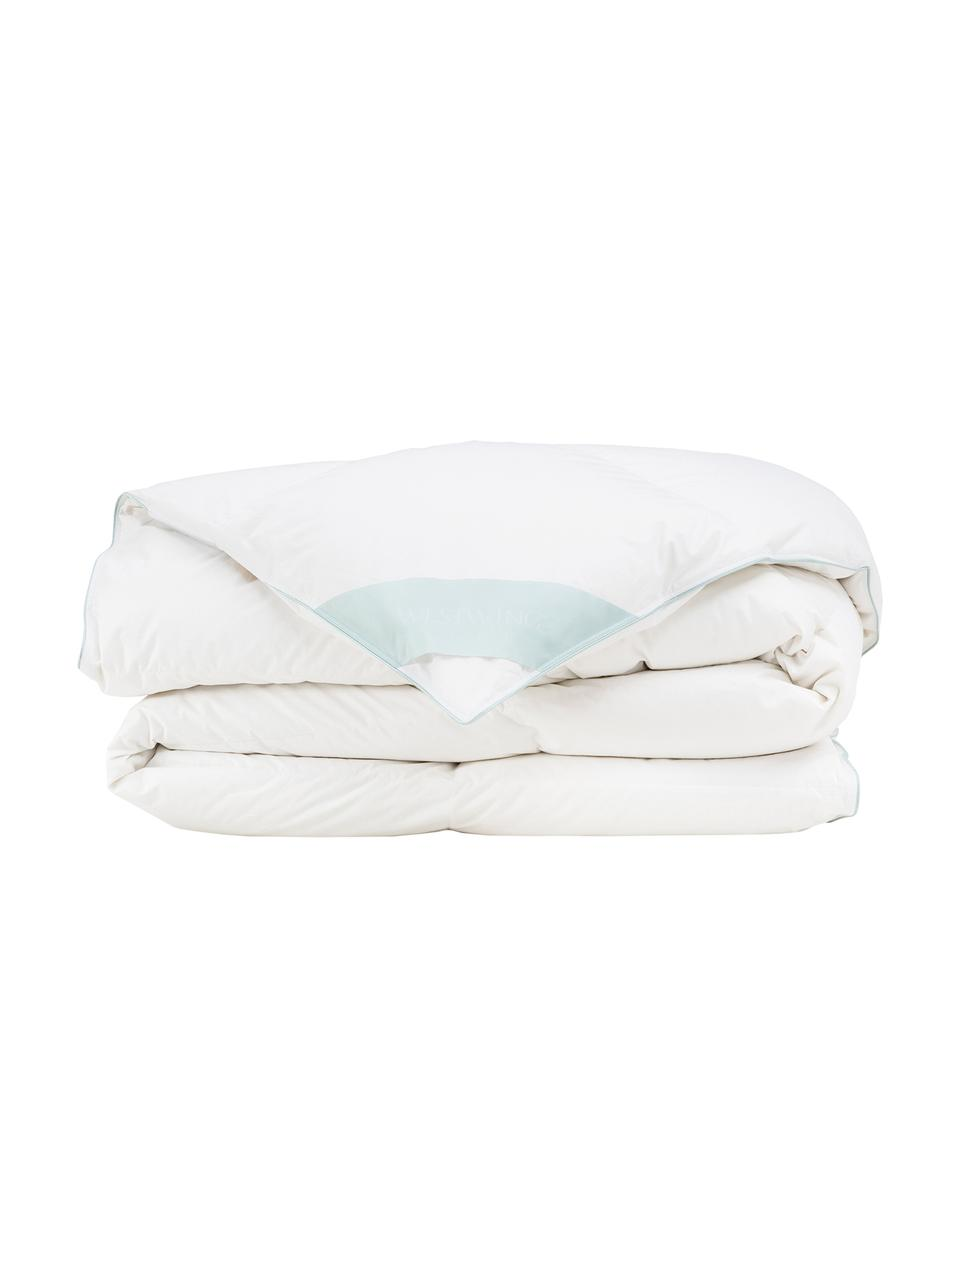 Piumino caldo in piuma d'oca Comfort, Bianco, Larg. 200 x Lung. 200 cm